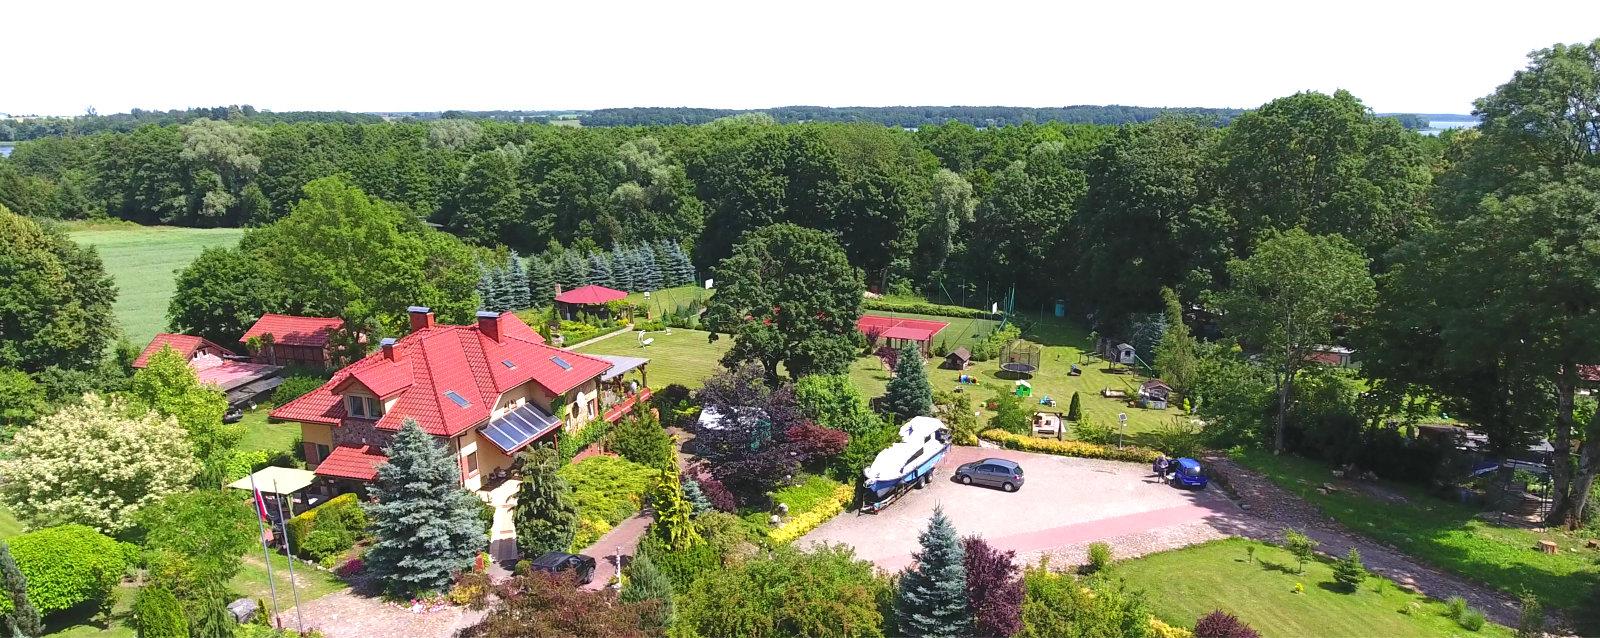 Villa Przystań, widok z lotu ptaka